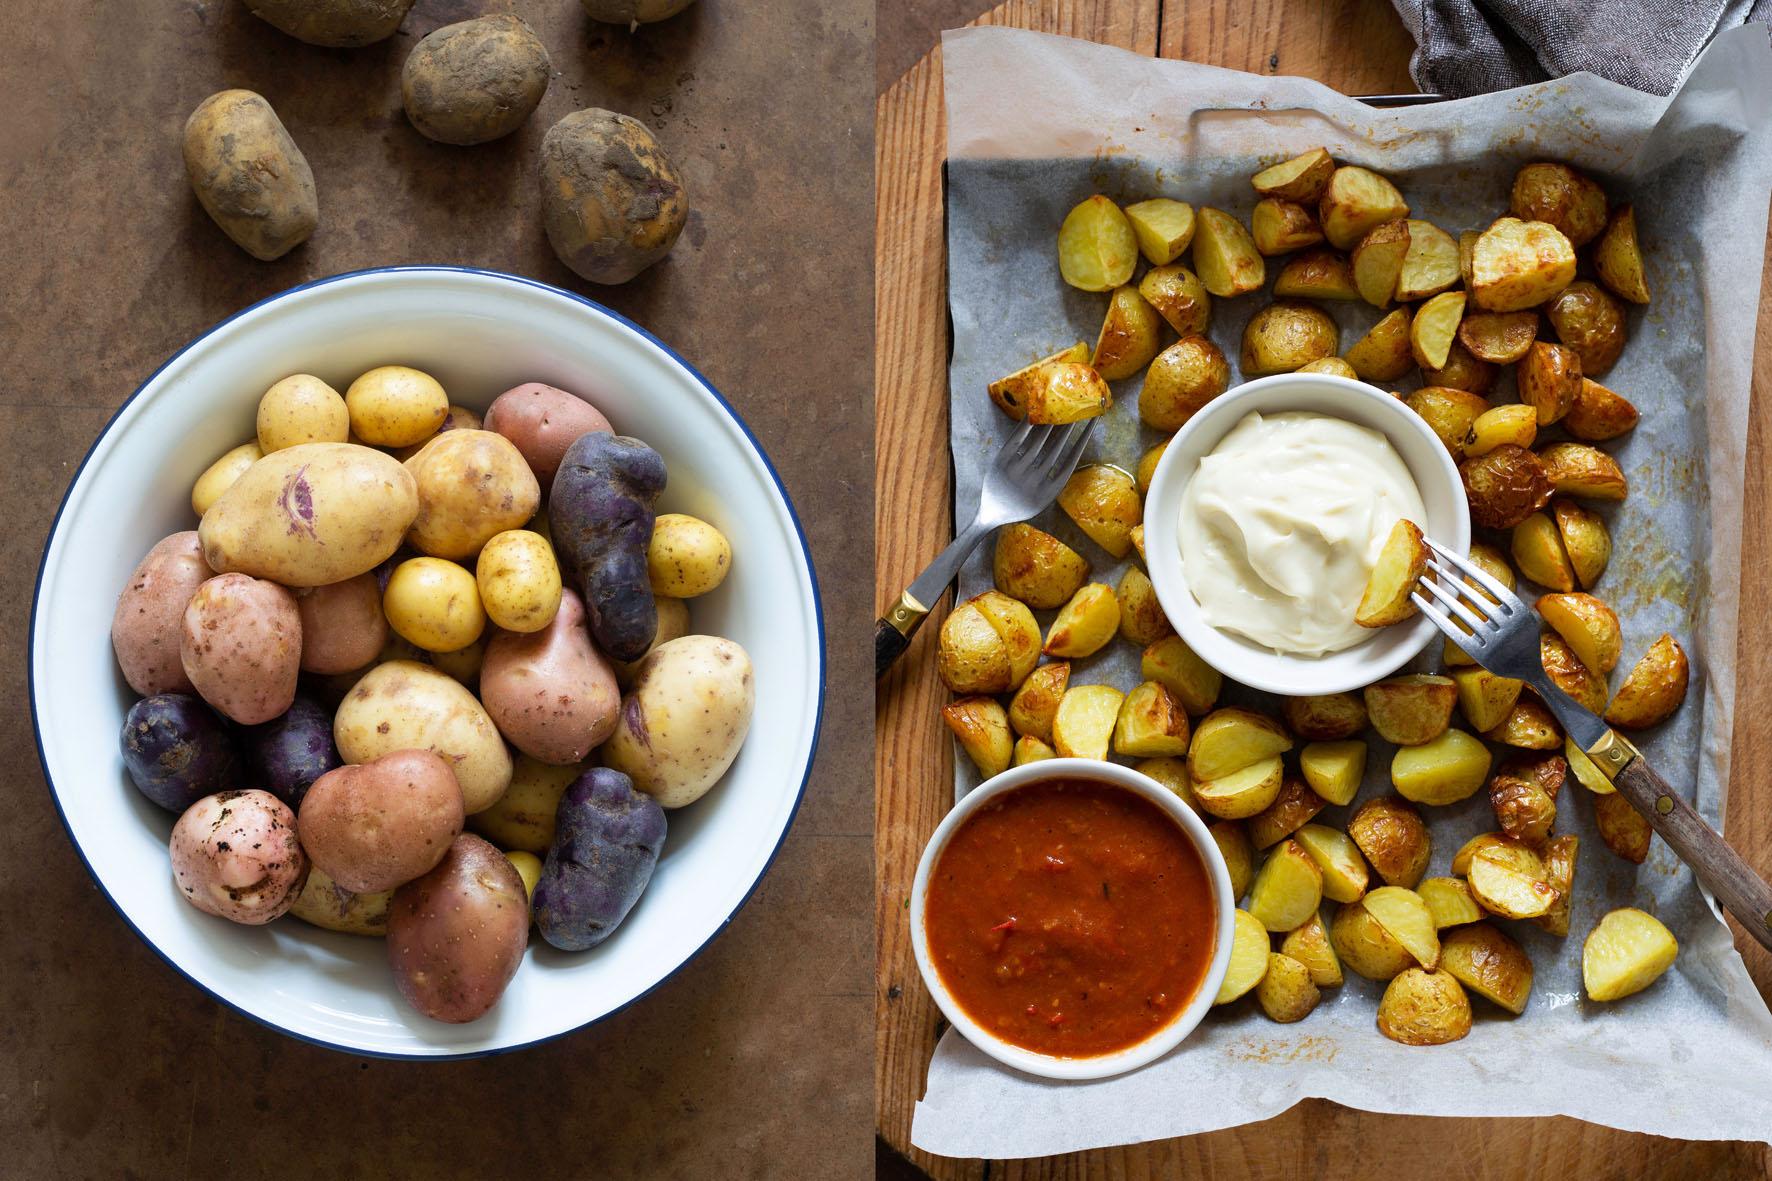 skogtillbord-patatas-bravas-sept 21